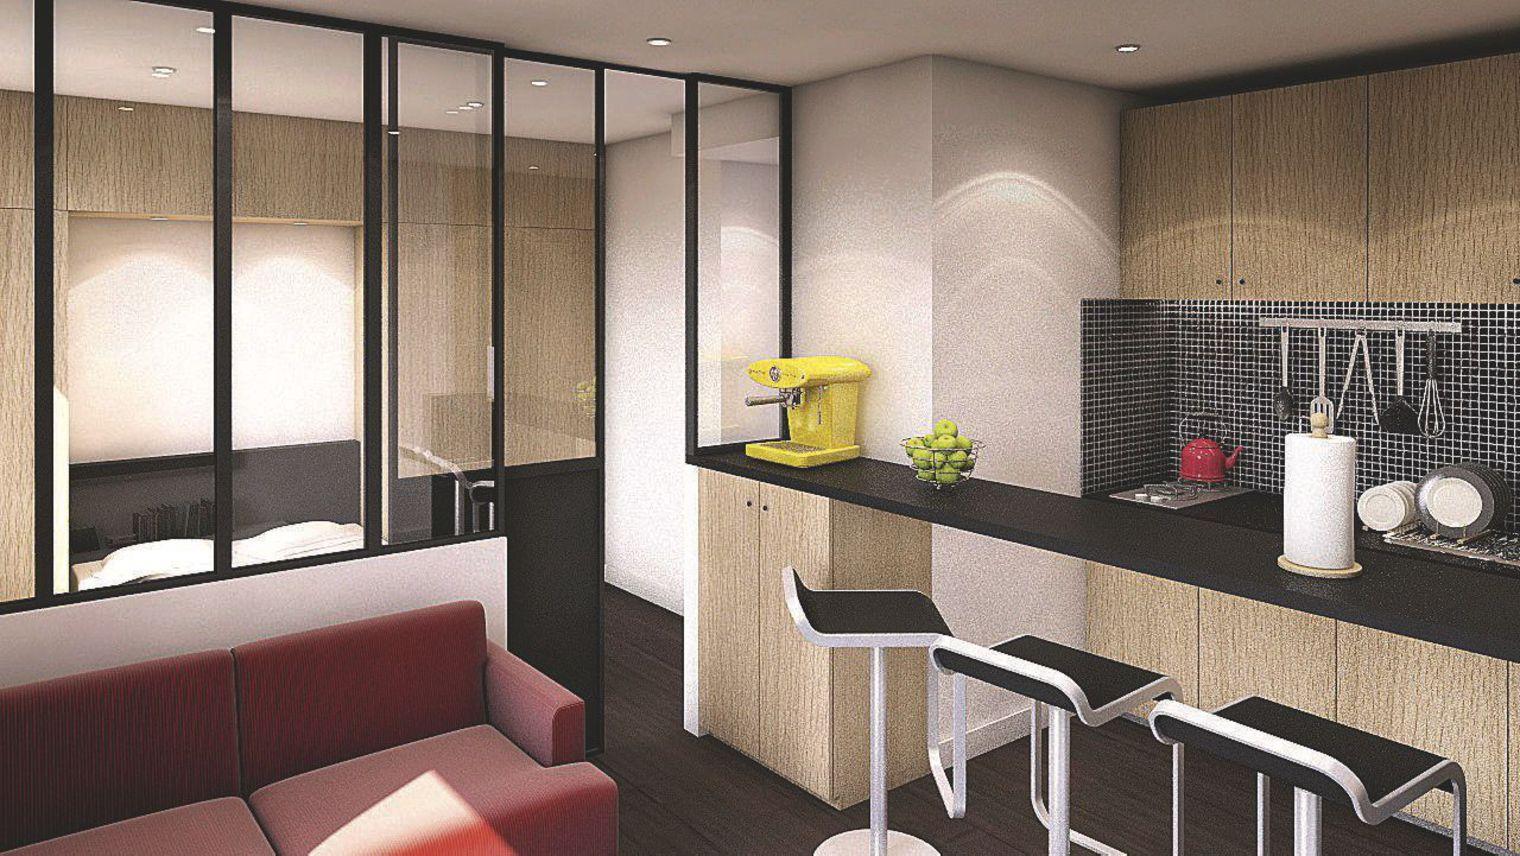 Location appartement Aix-en-Provence: une ville en plein dynamisme